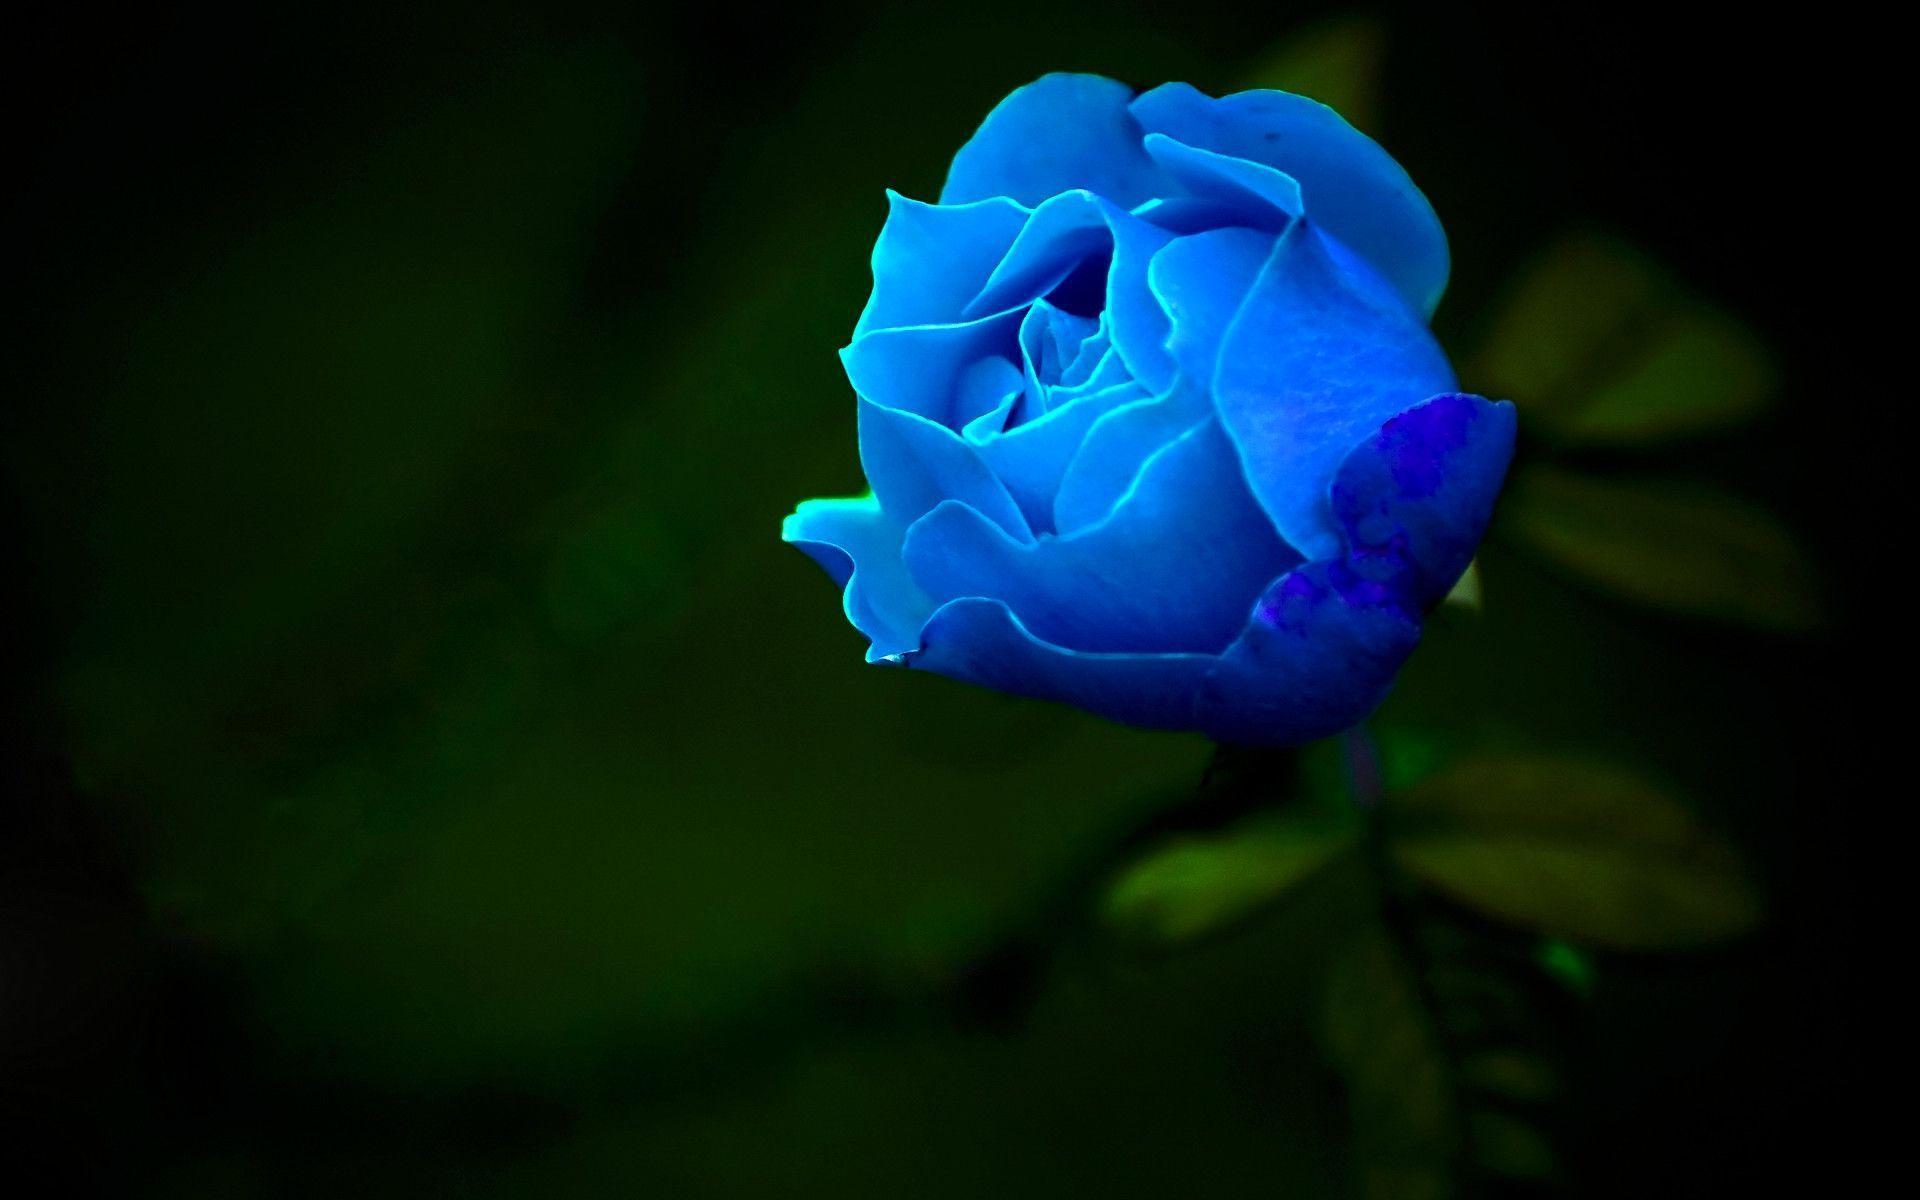 hinh anh hoa hong xanh 15